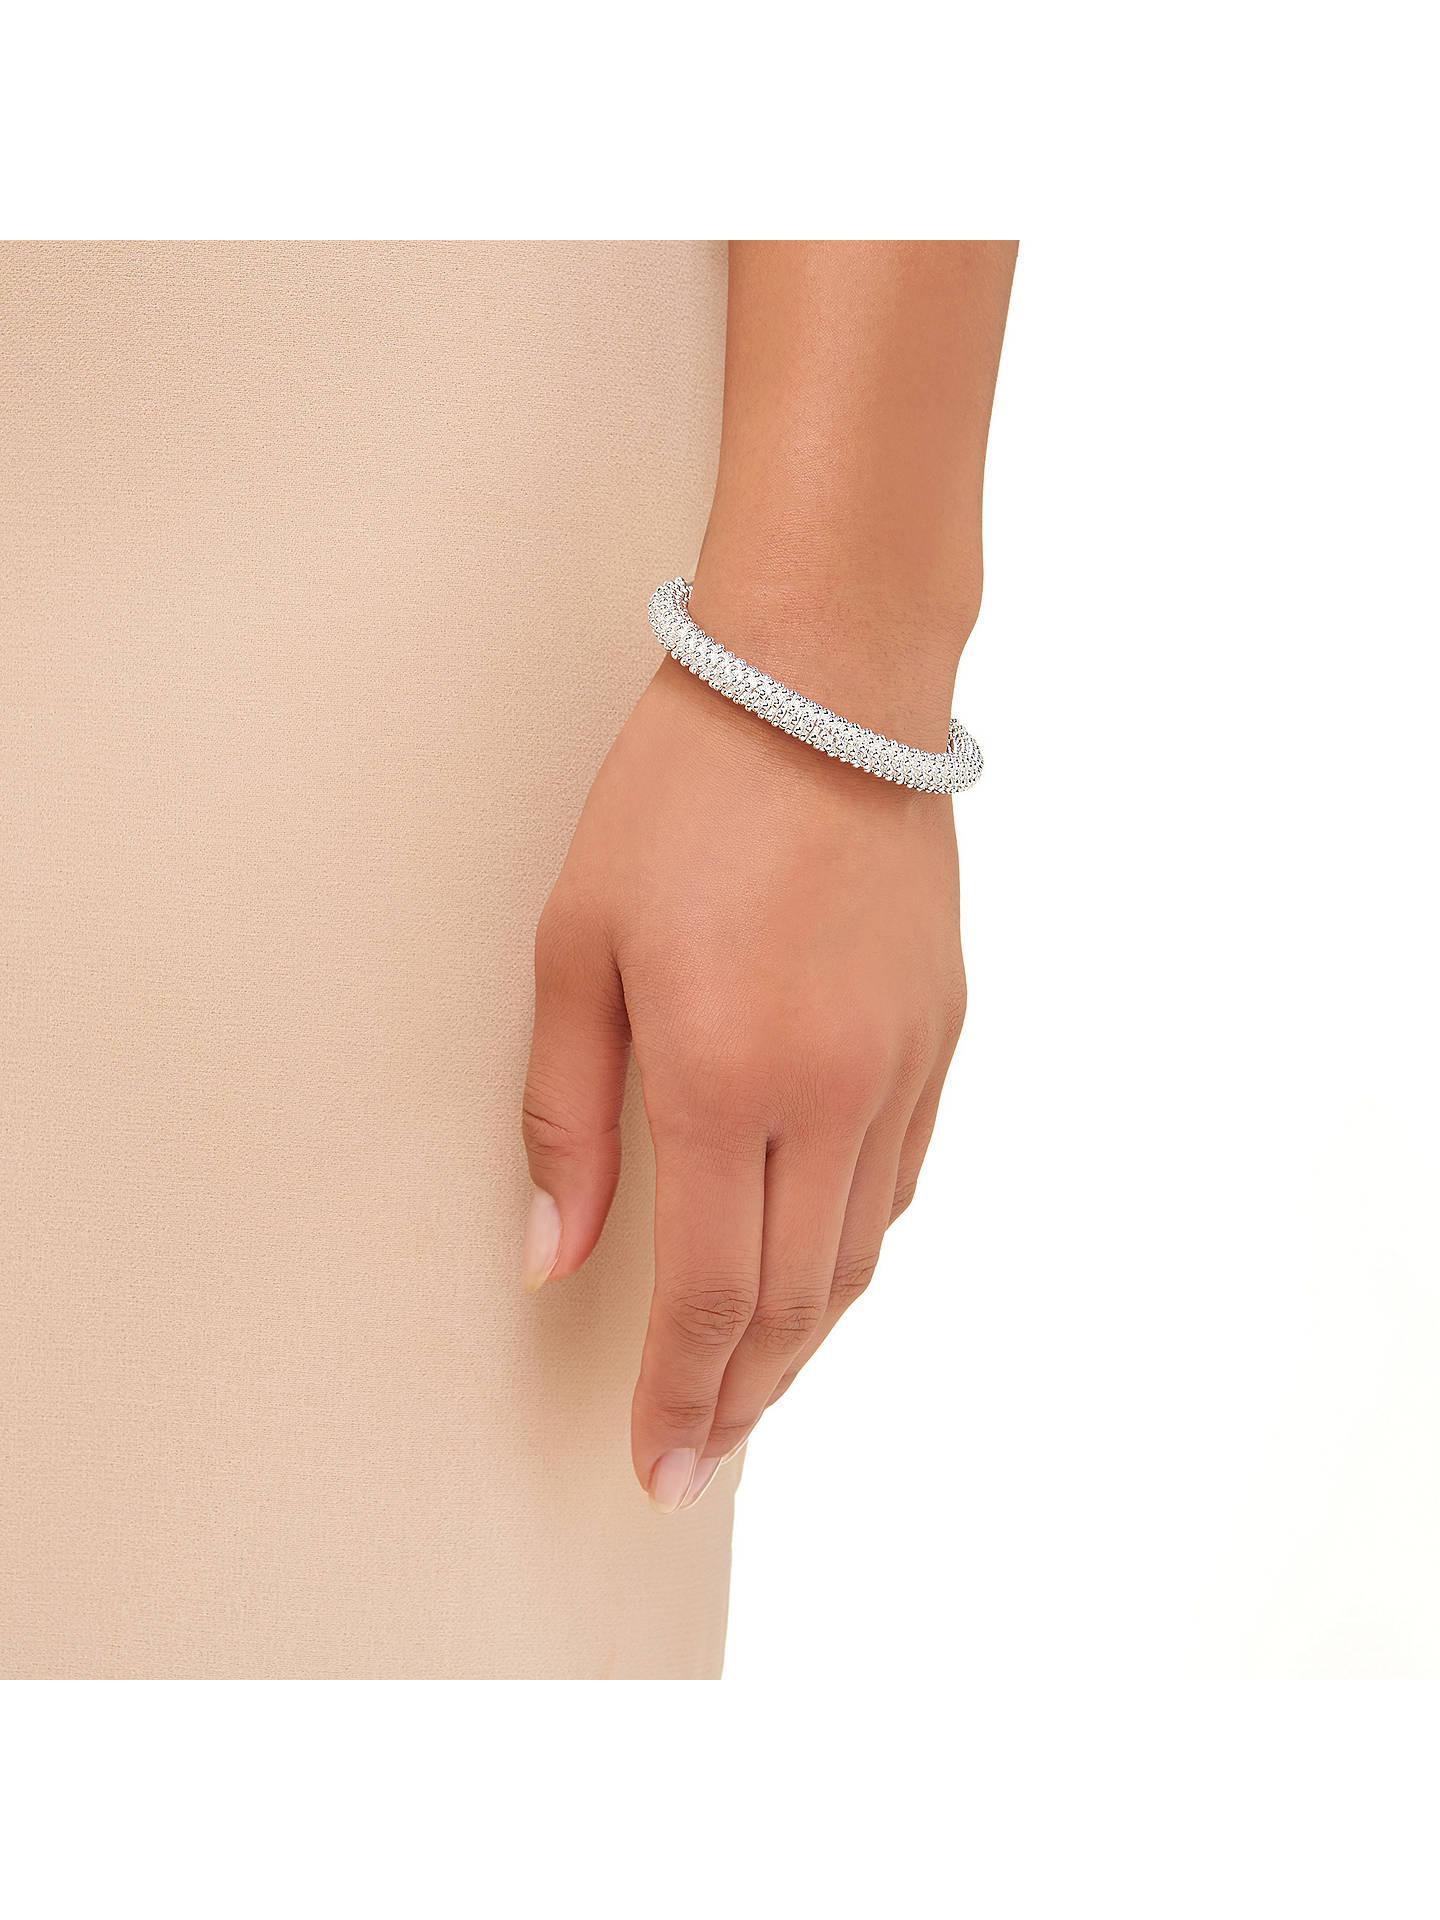 07a203e33a6 ... Buy Links of London Effervescence Sterling Silver Star Bracelet